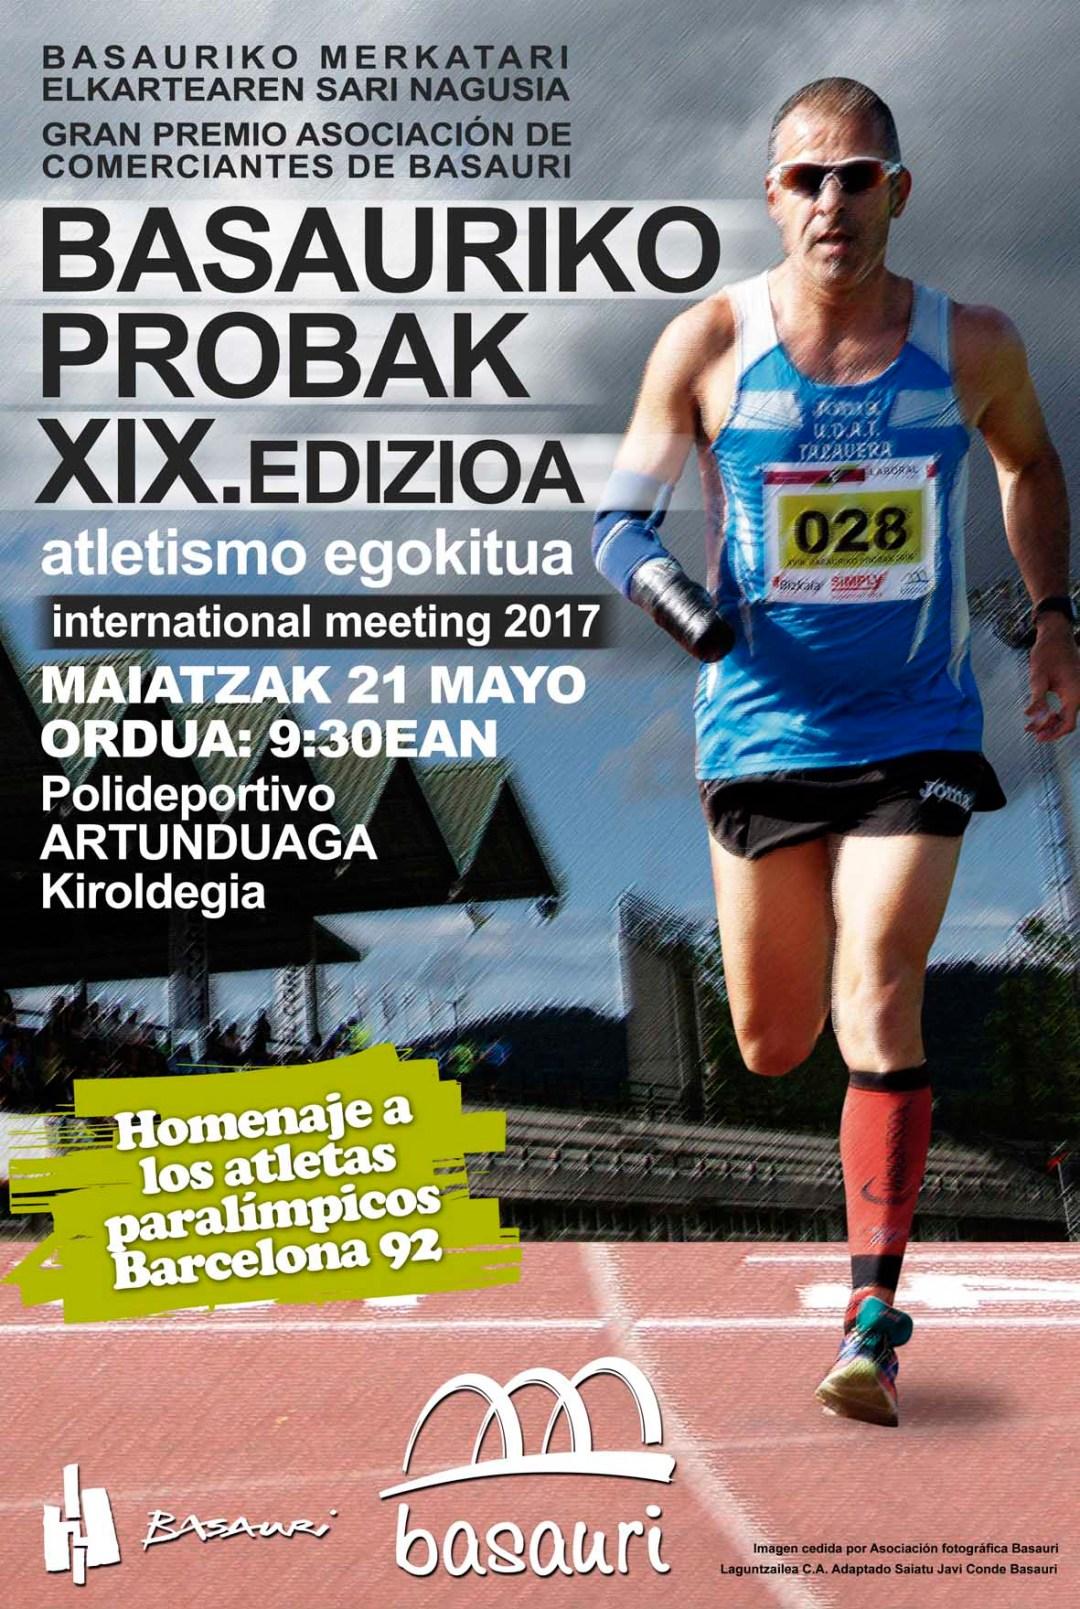 meeting2017_sin patrocinadores - Toni Franco participará en el Meeting Internacional XIX BASAURIKO PROBAK 2017